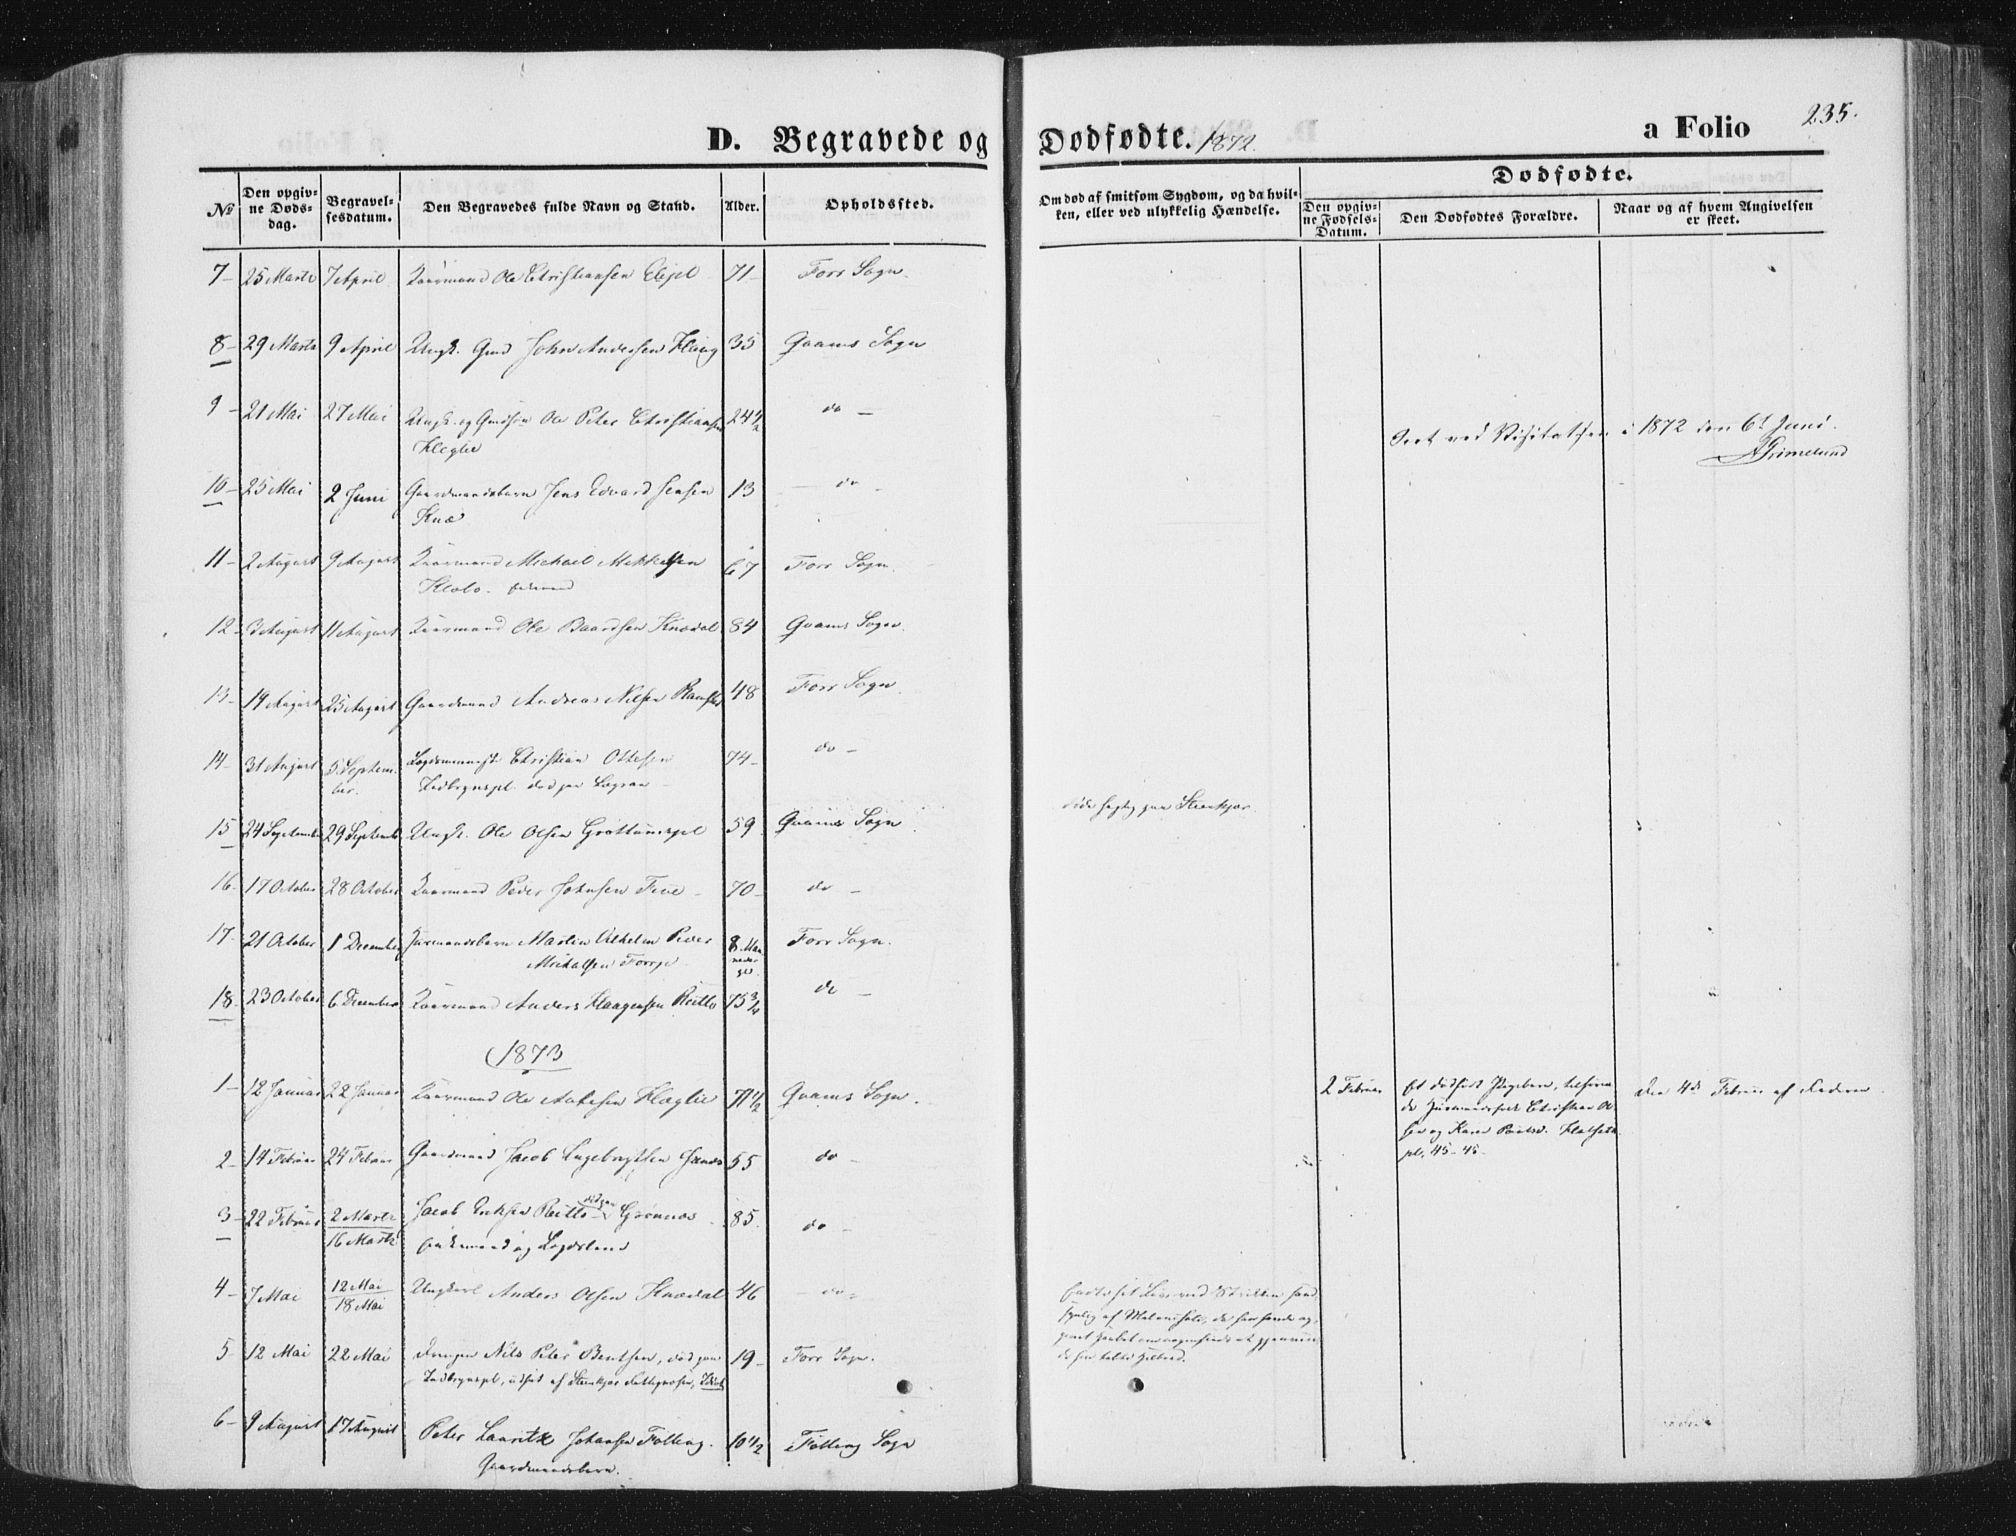 SAT, Ministerialprotokoller, klokkerbøker og fødselsregistre - Nord-Trøndelag, 746/L0447: Ministerialbok nr. 746A06, 1860-1877, s. 235